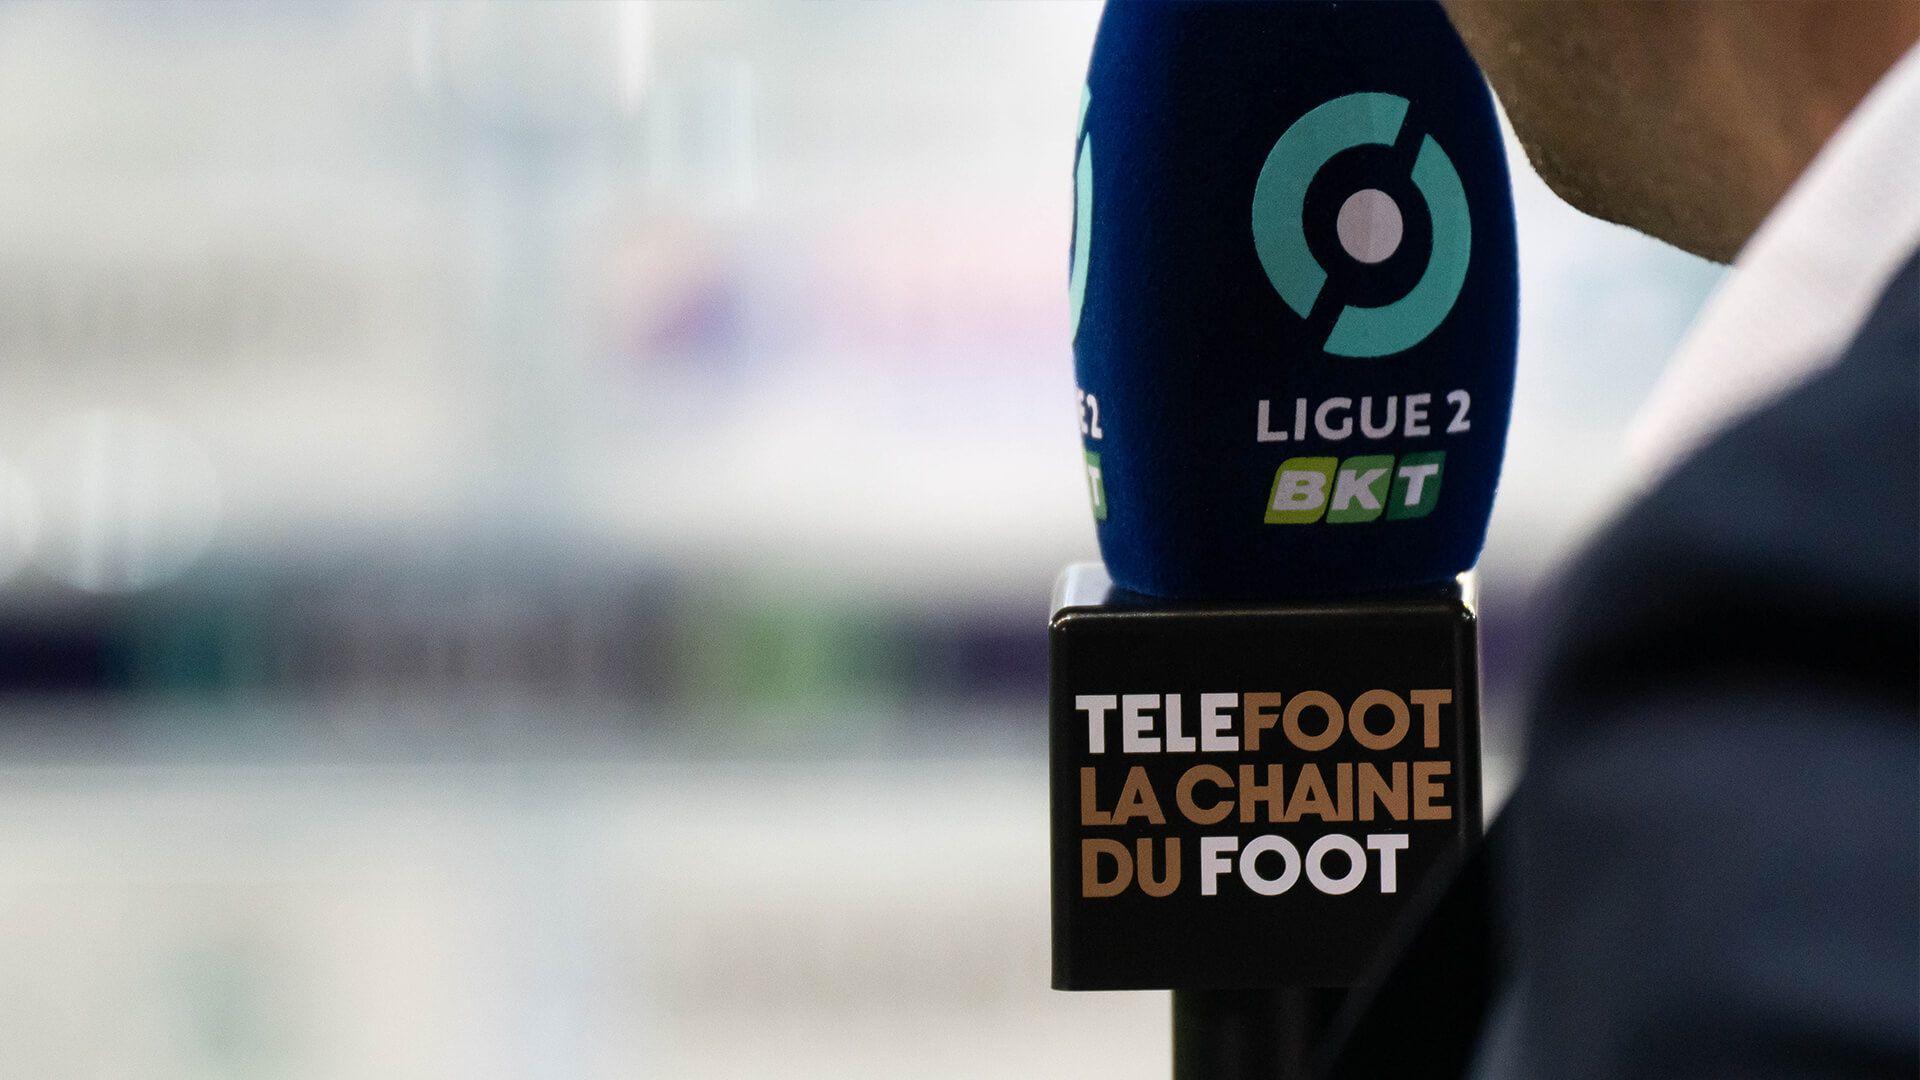 Ligue 2 BKT : Programmation de la 7ème journée